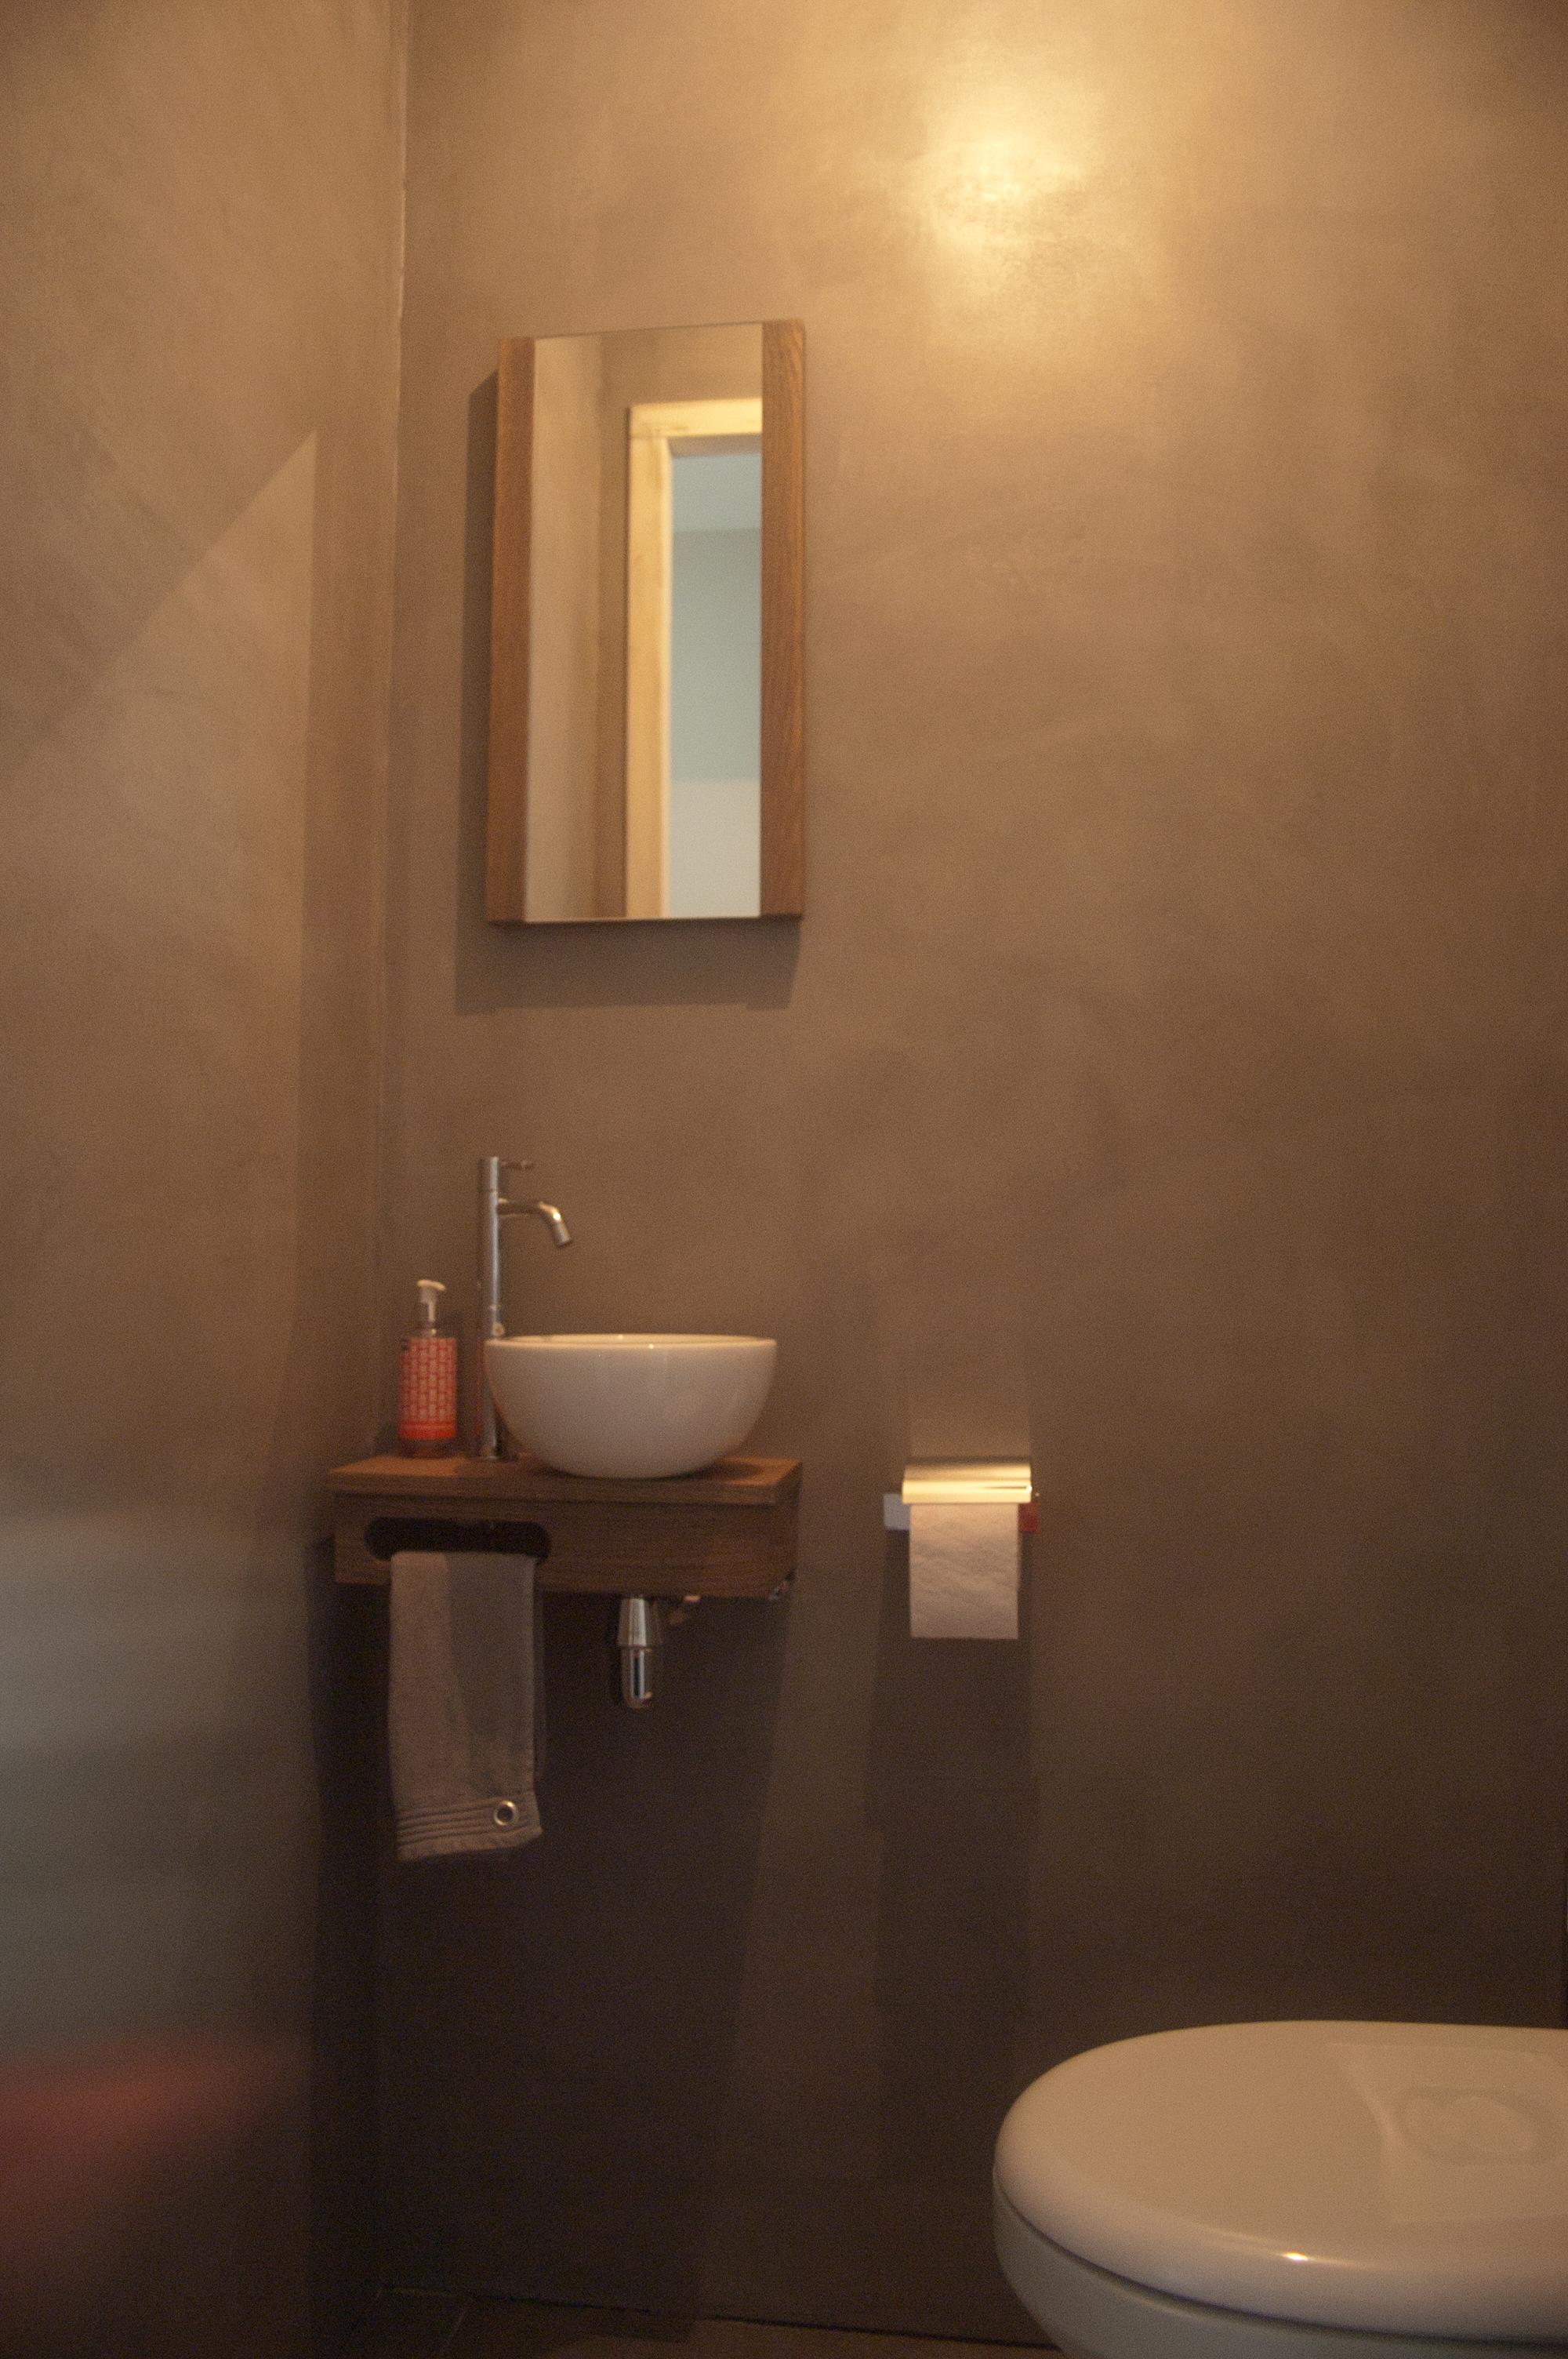 Toilet verbau betonstuc kleur op maat verbau - Kleur wc ...